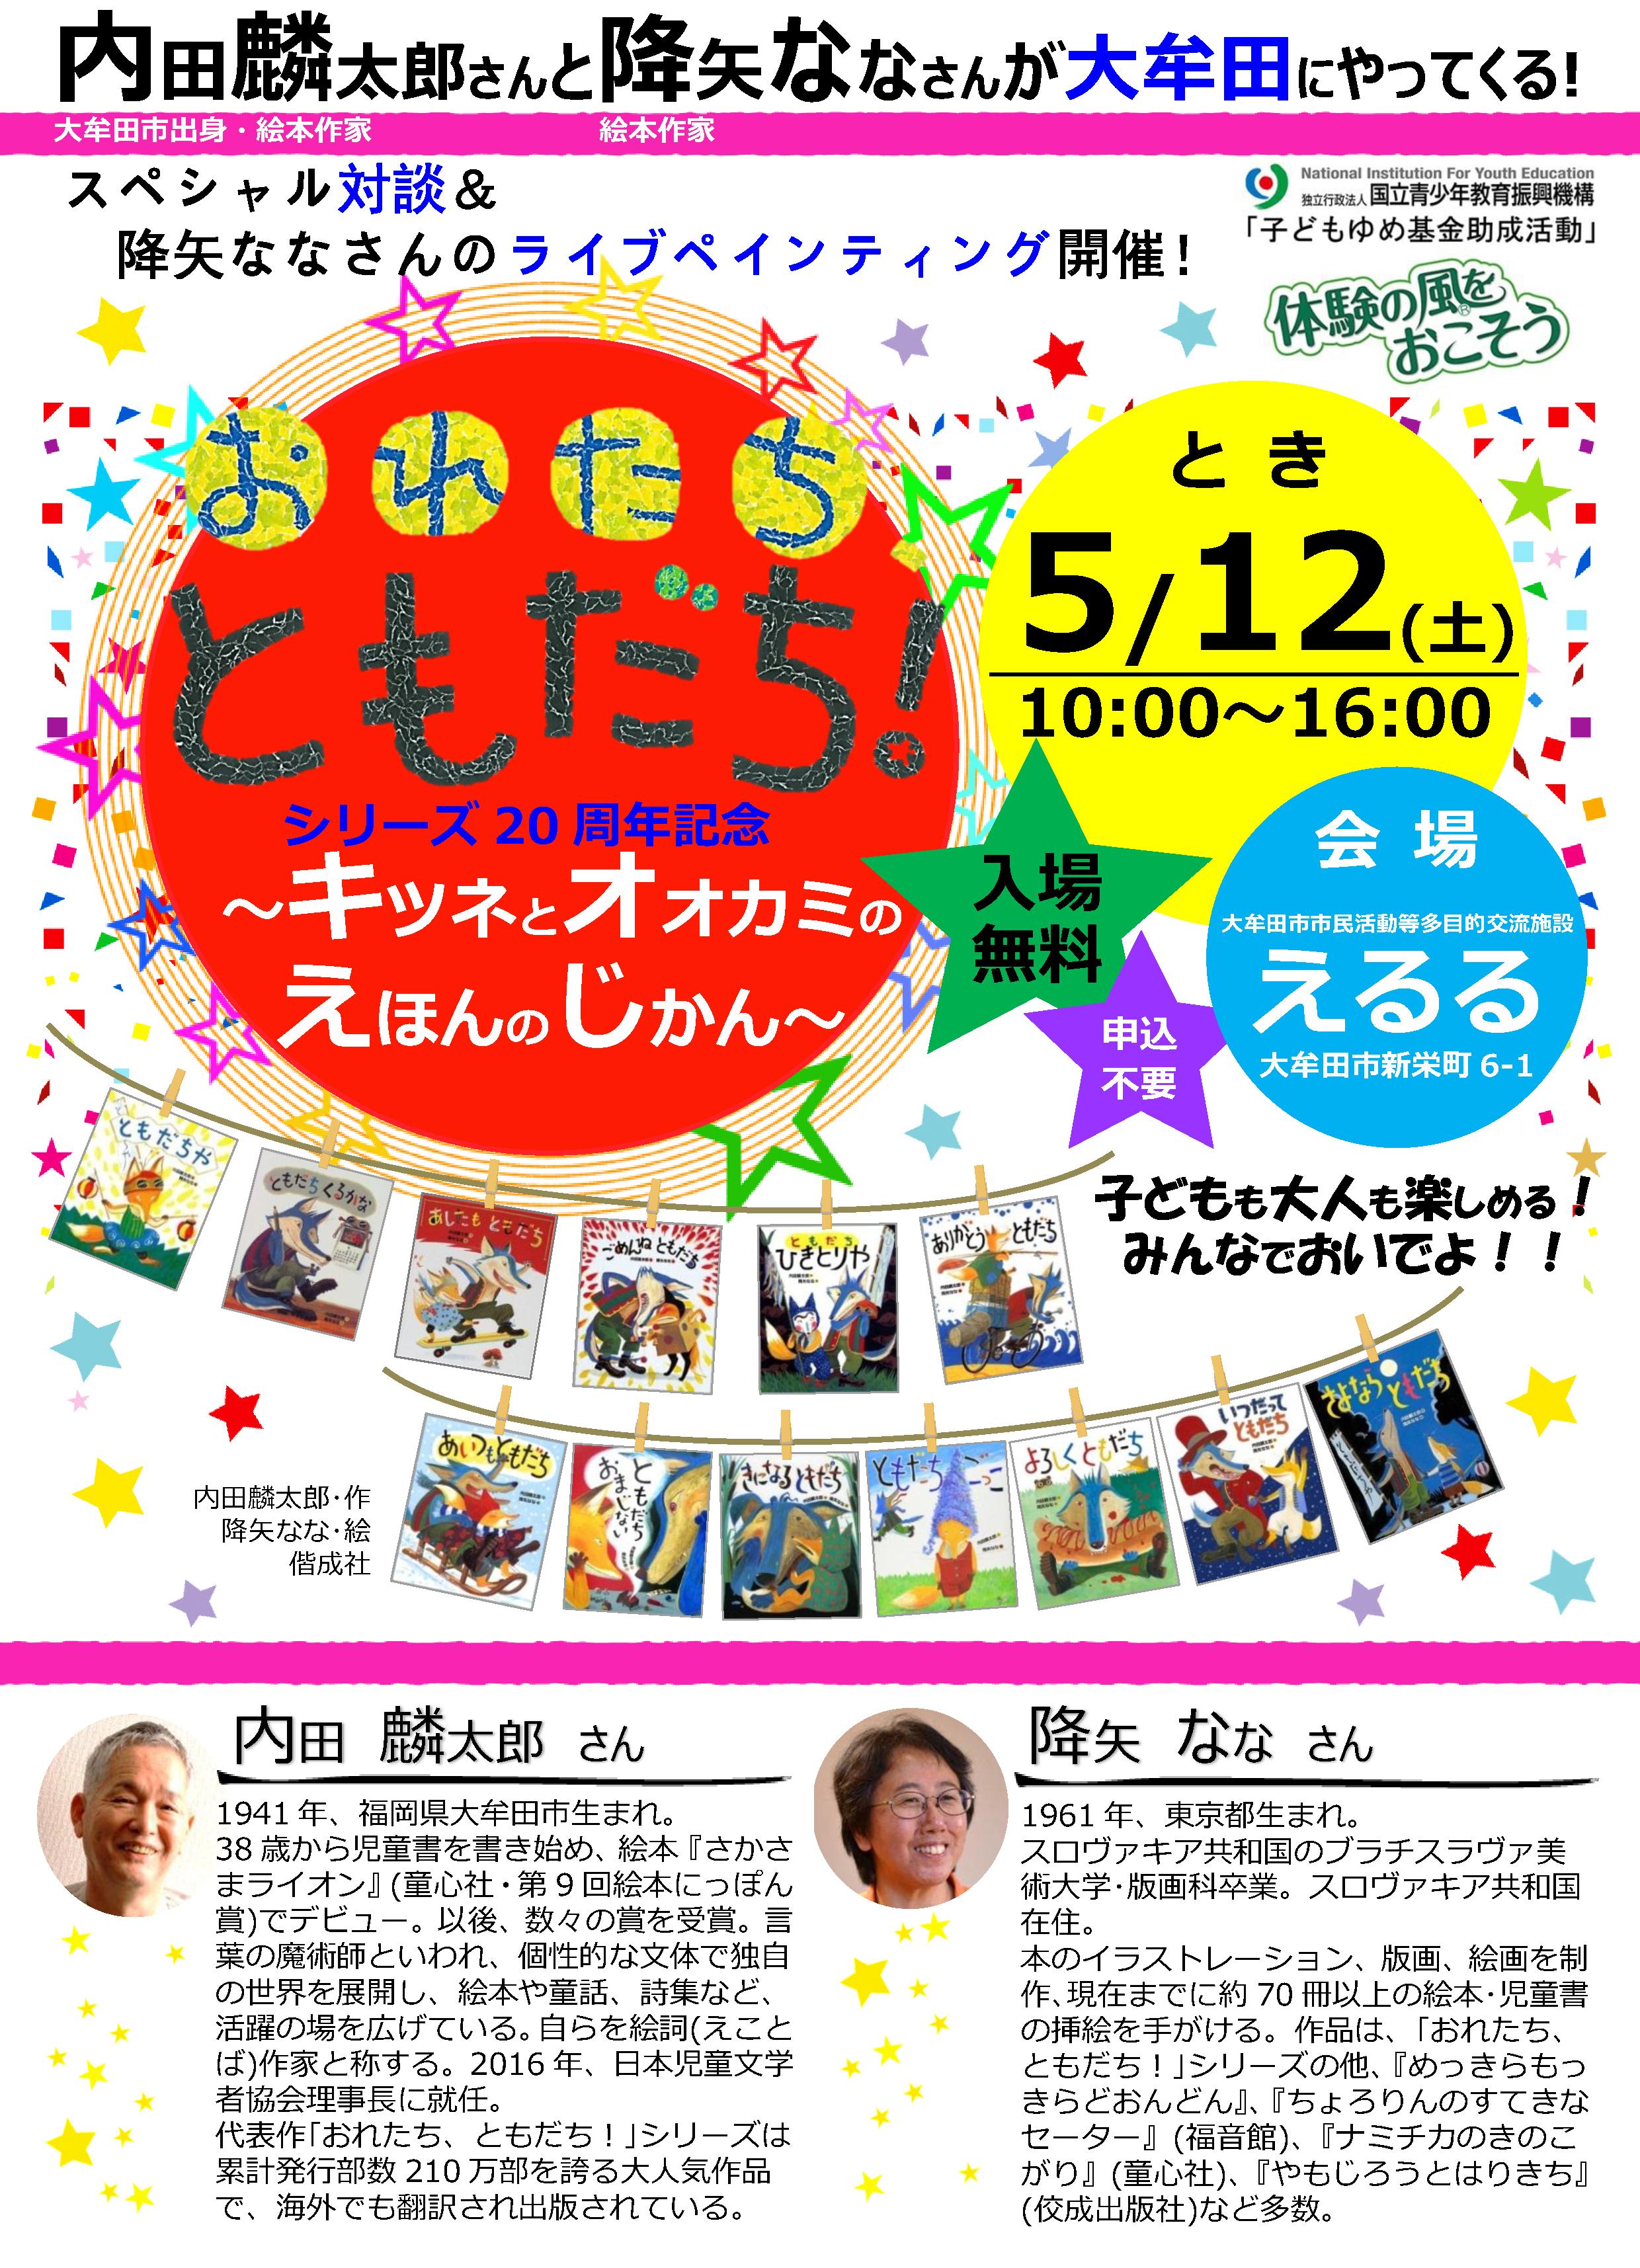 大牟田市絵本イベント「おれたち、ともだち!」~キツネとオオカミのえほんのじかん~